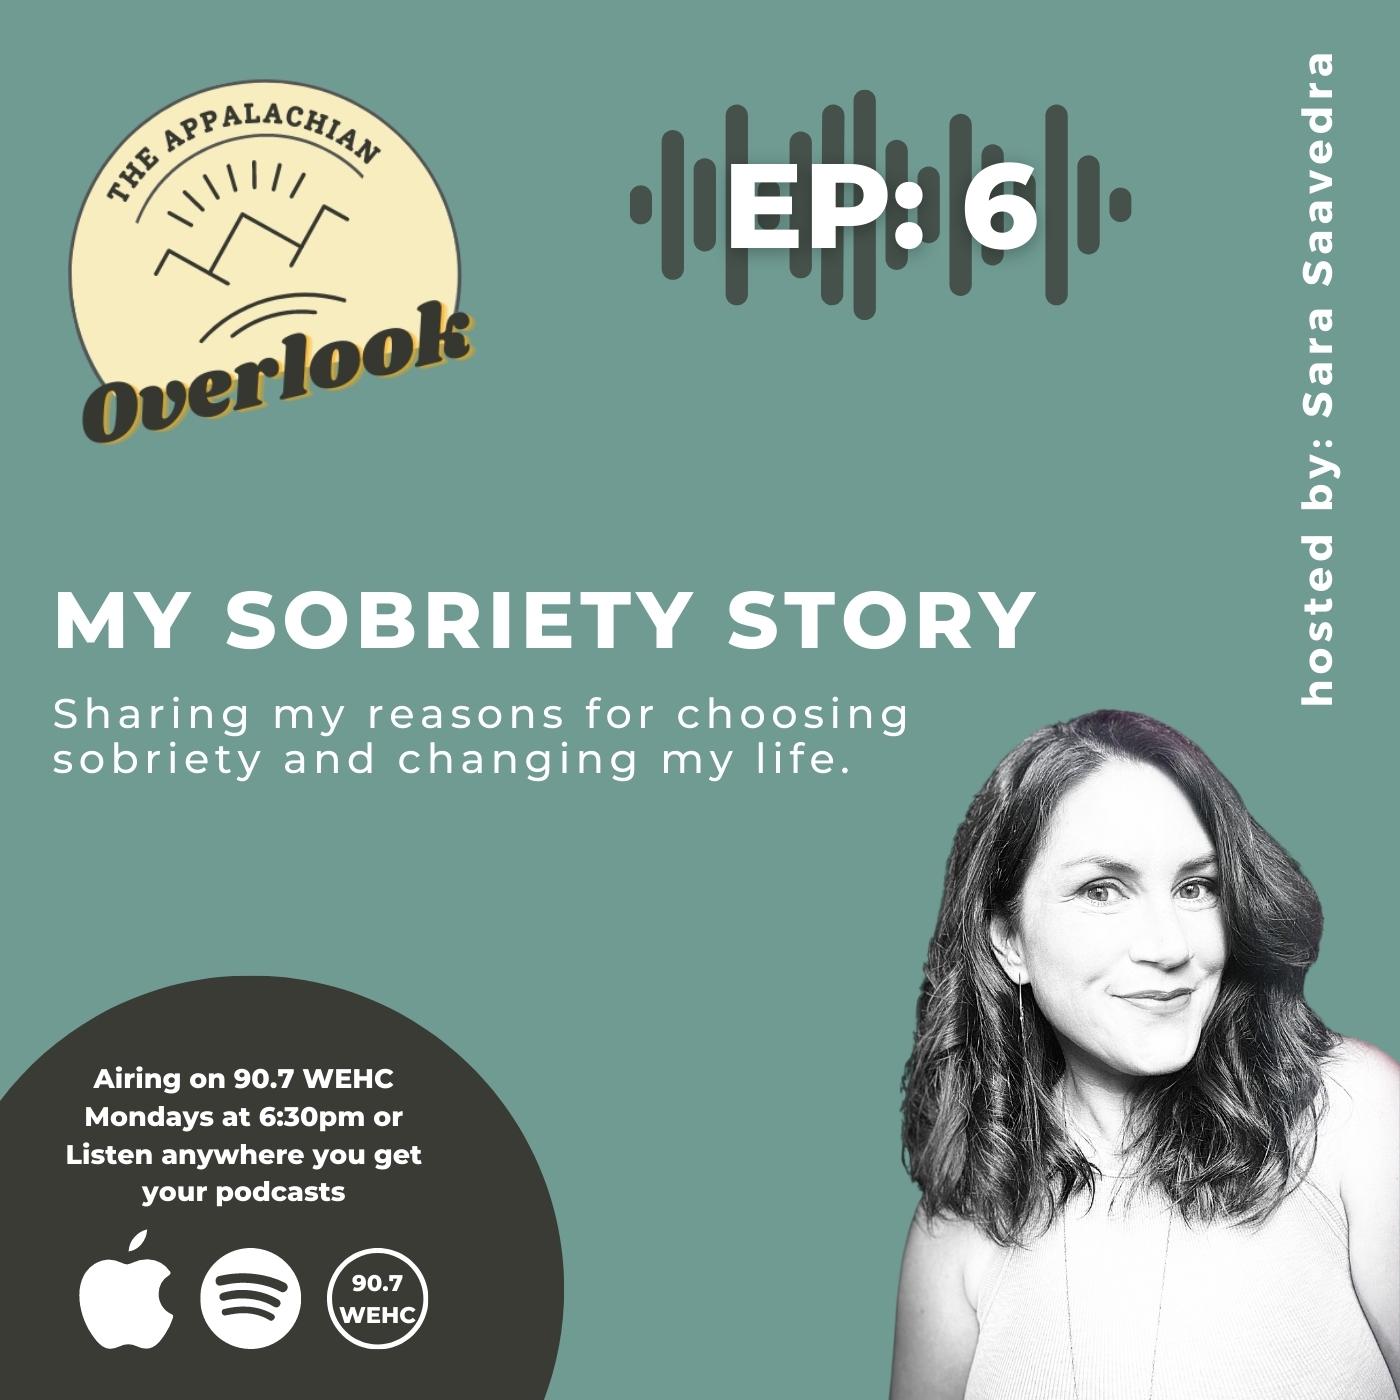 My Sobriety Story